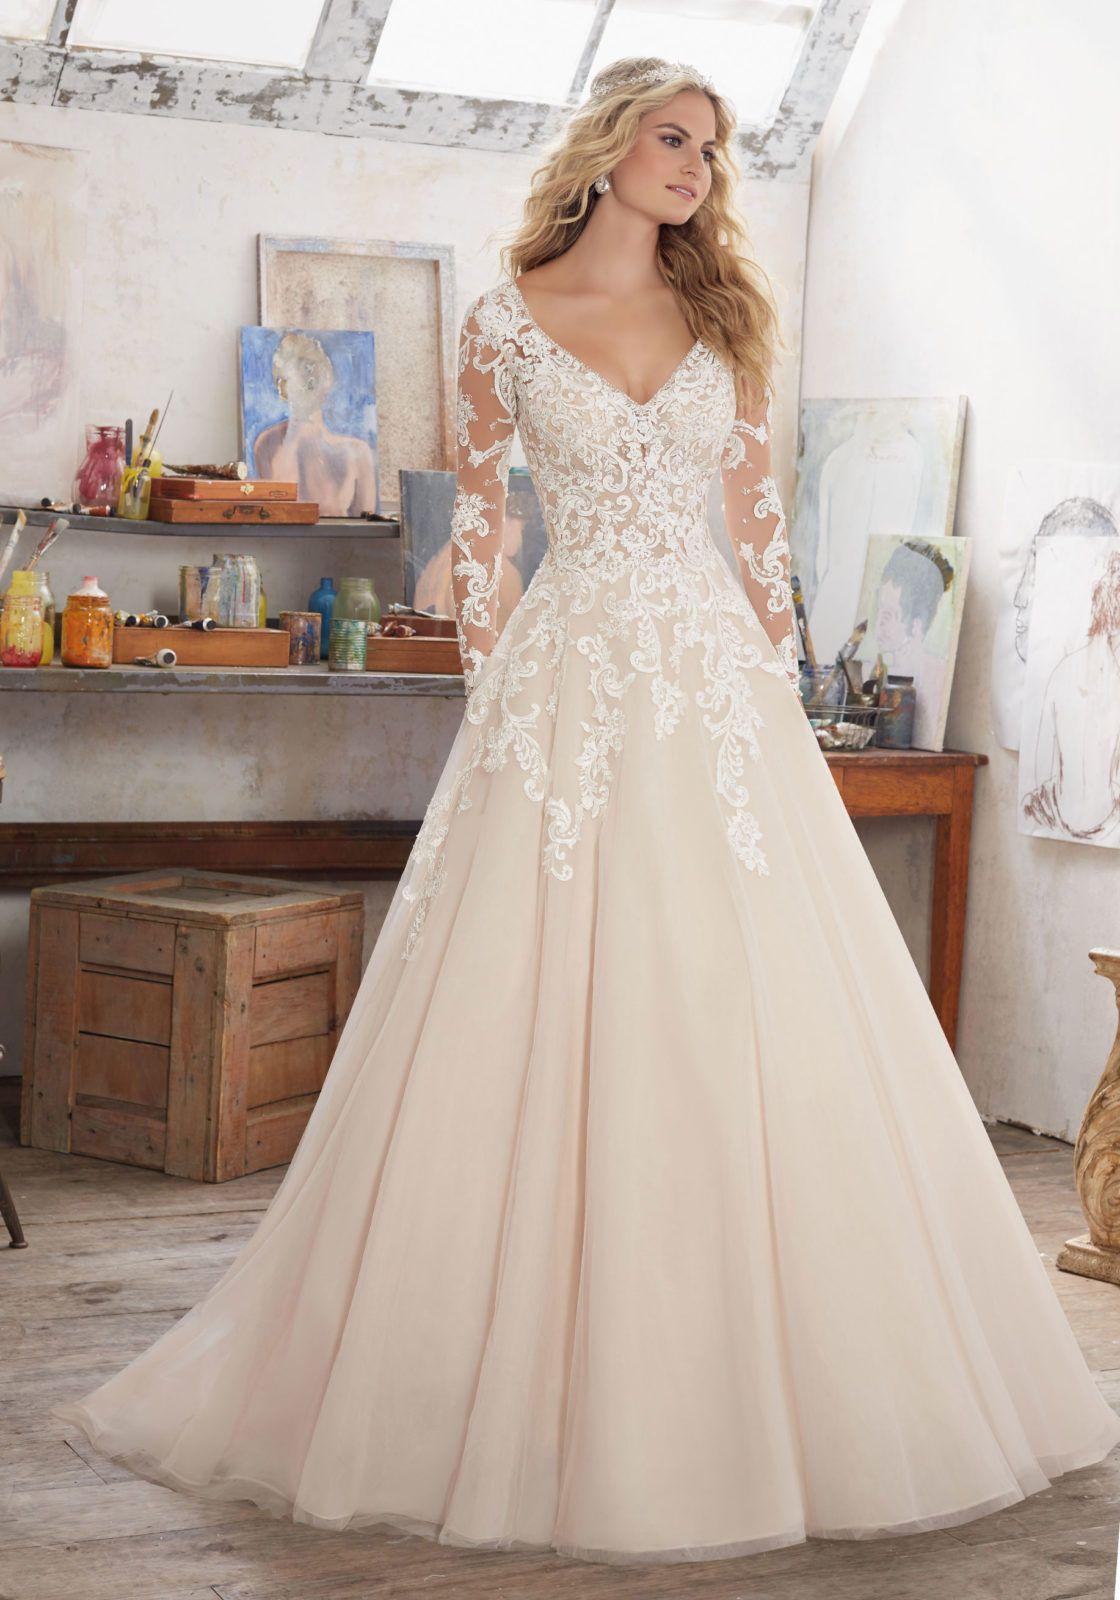 Maira Wedding Dress Morilee Wedding Dress Long Sleeve Wedding Dresses Romantic Wedding Dresses Lace